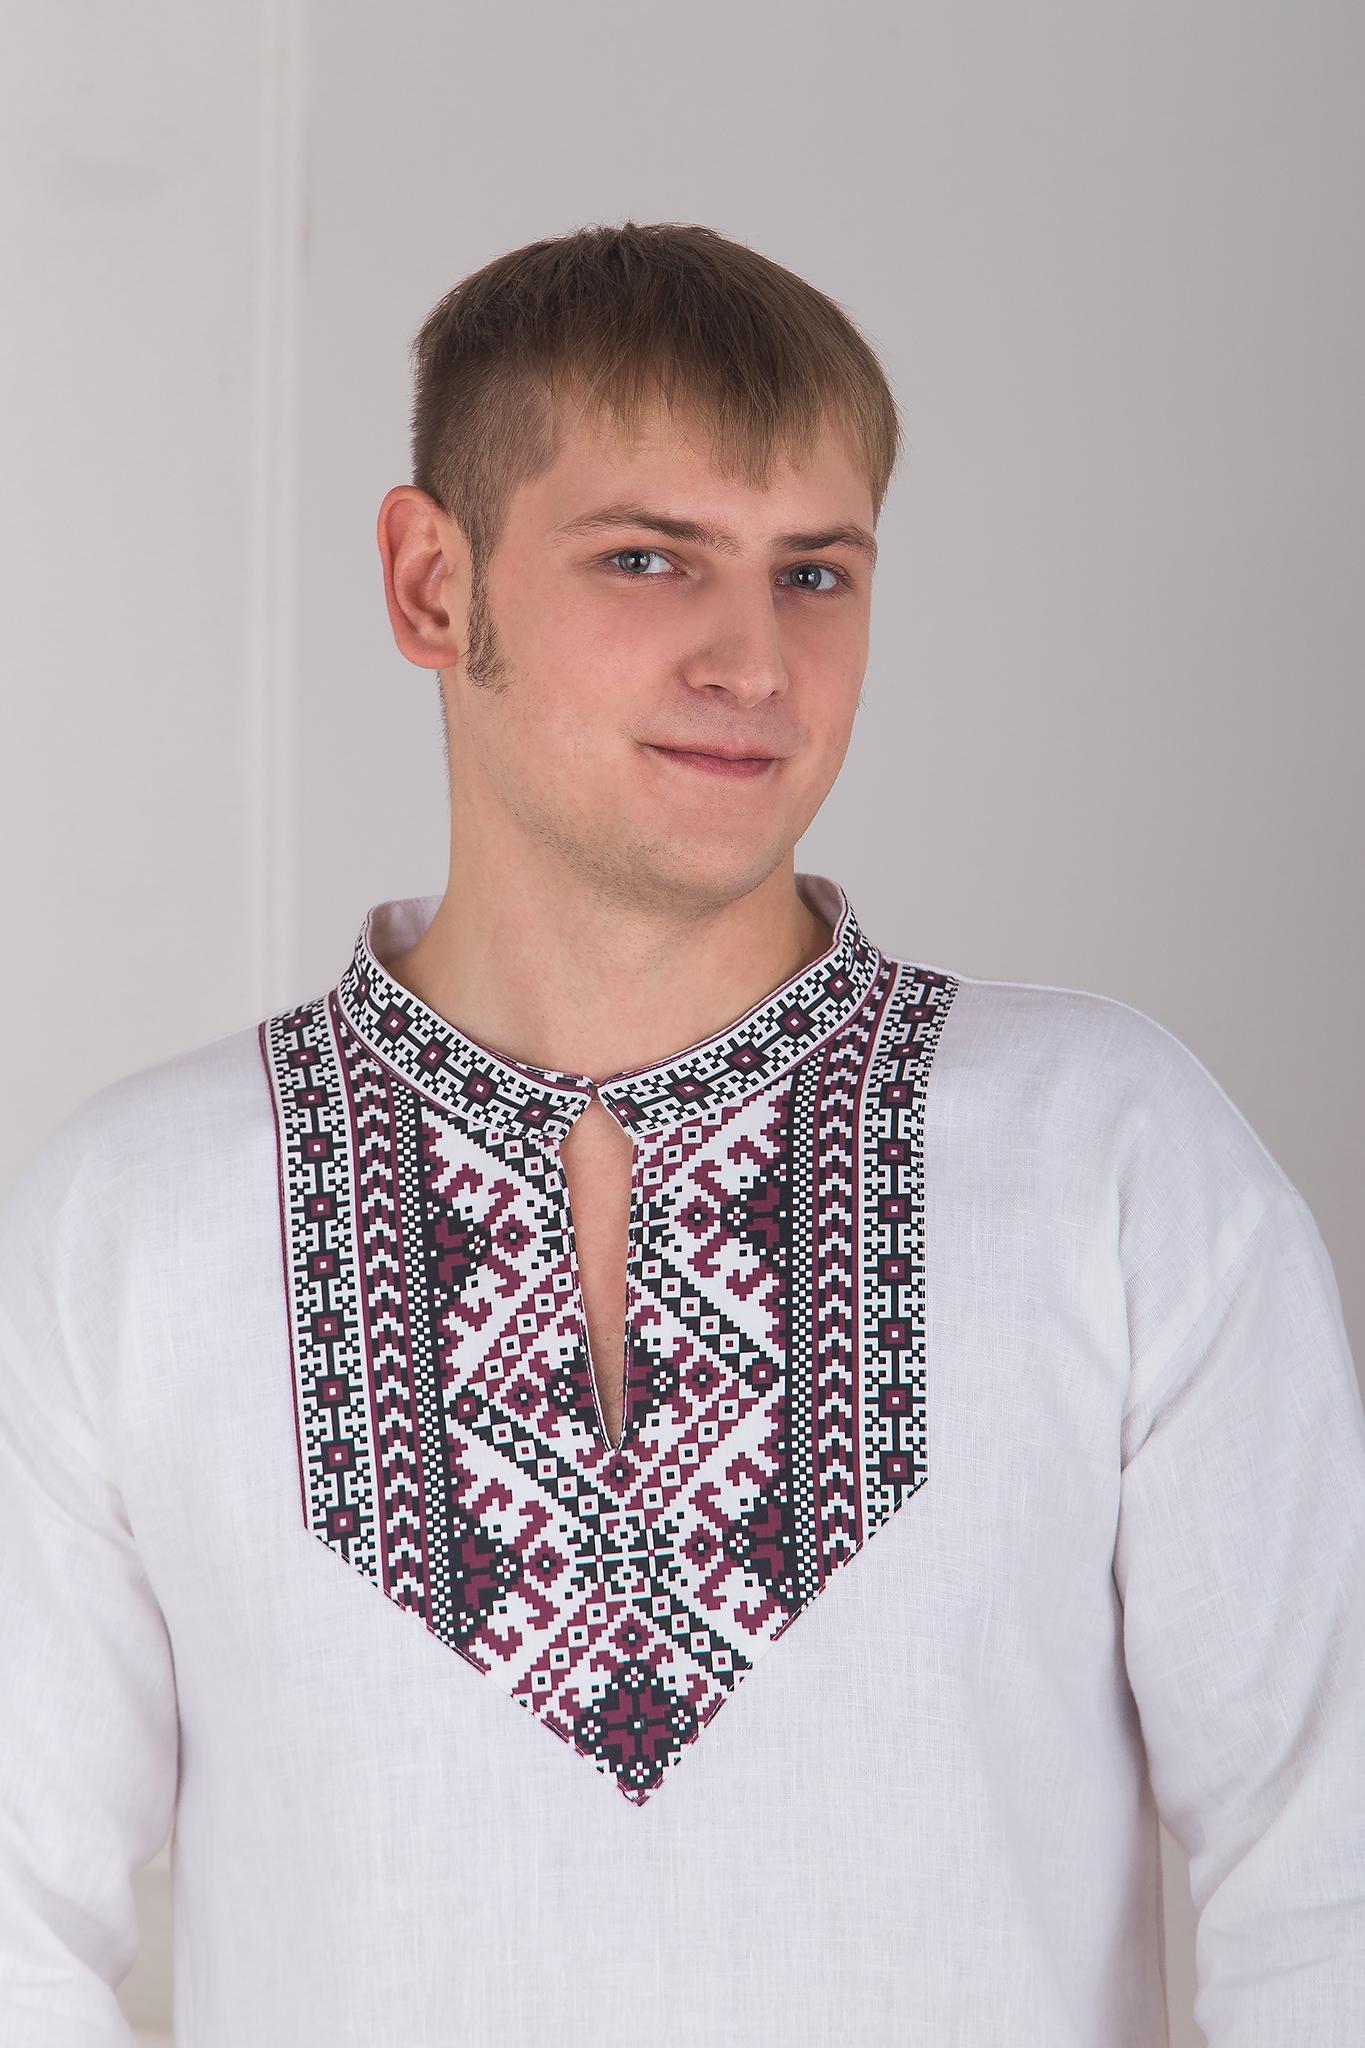 Славянская боевая рубаха кокетка